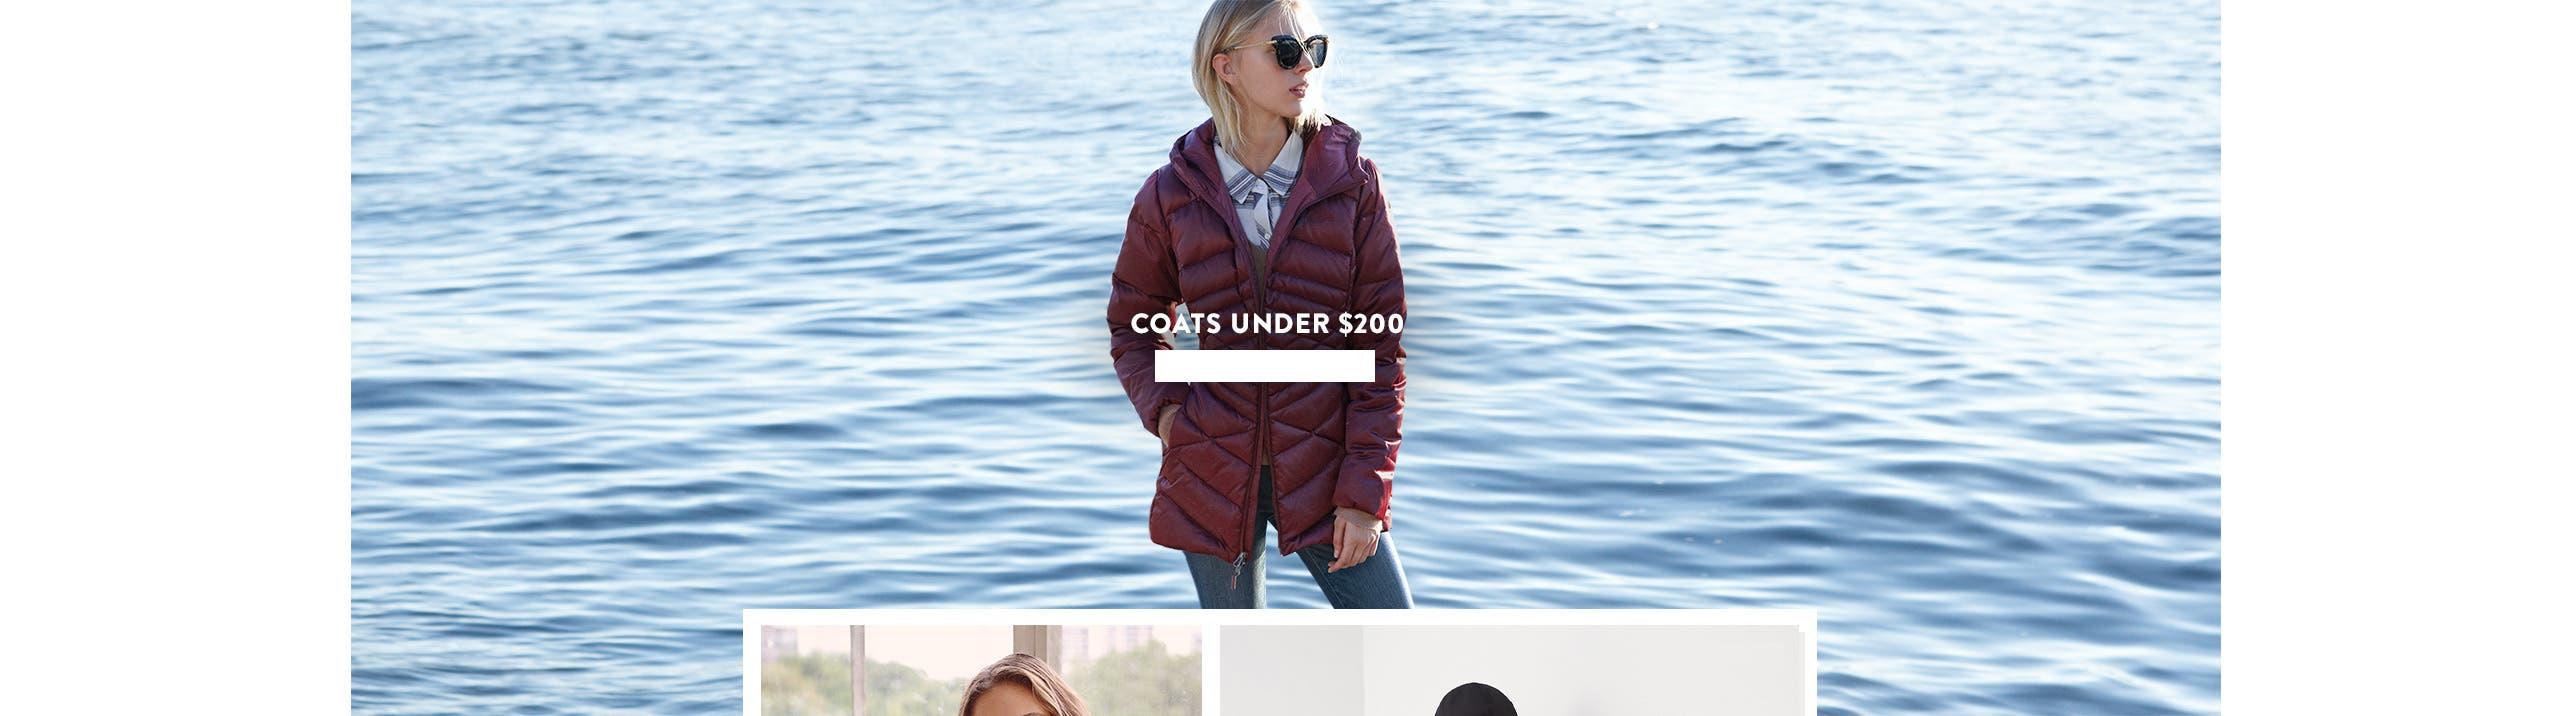 Coats under $200.